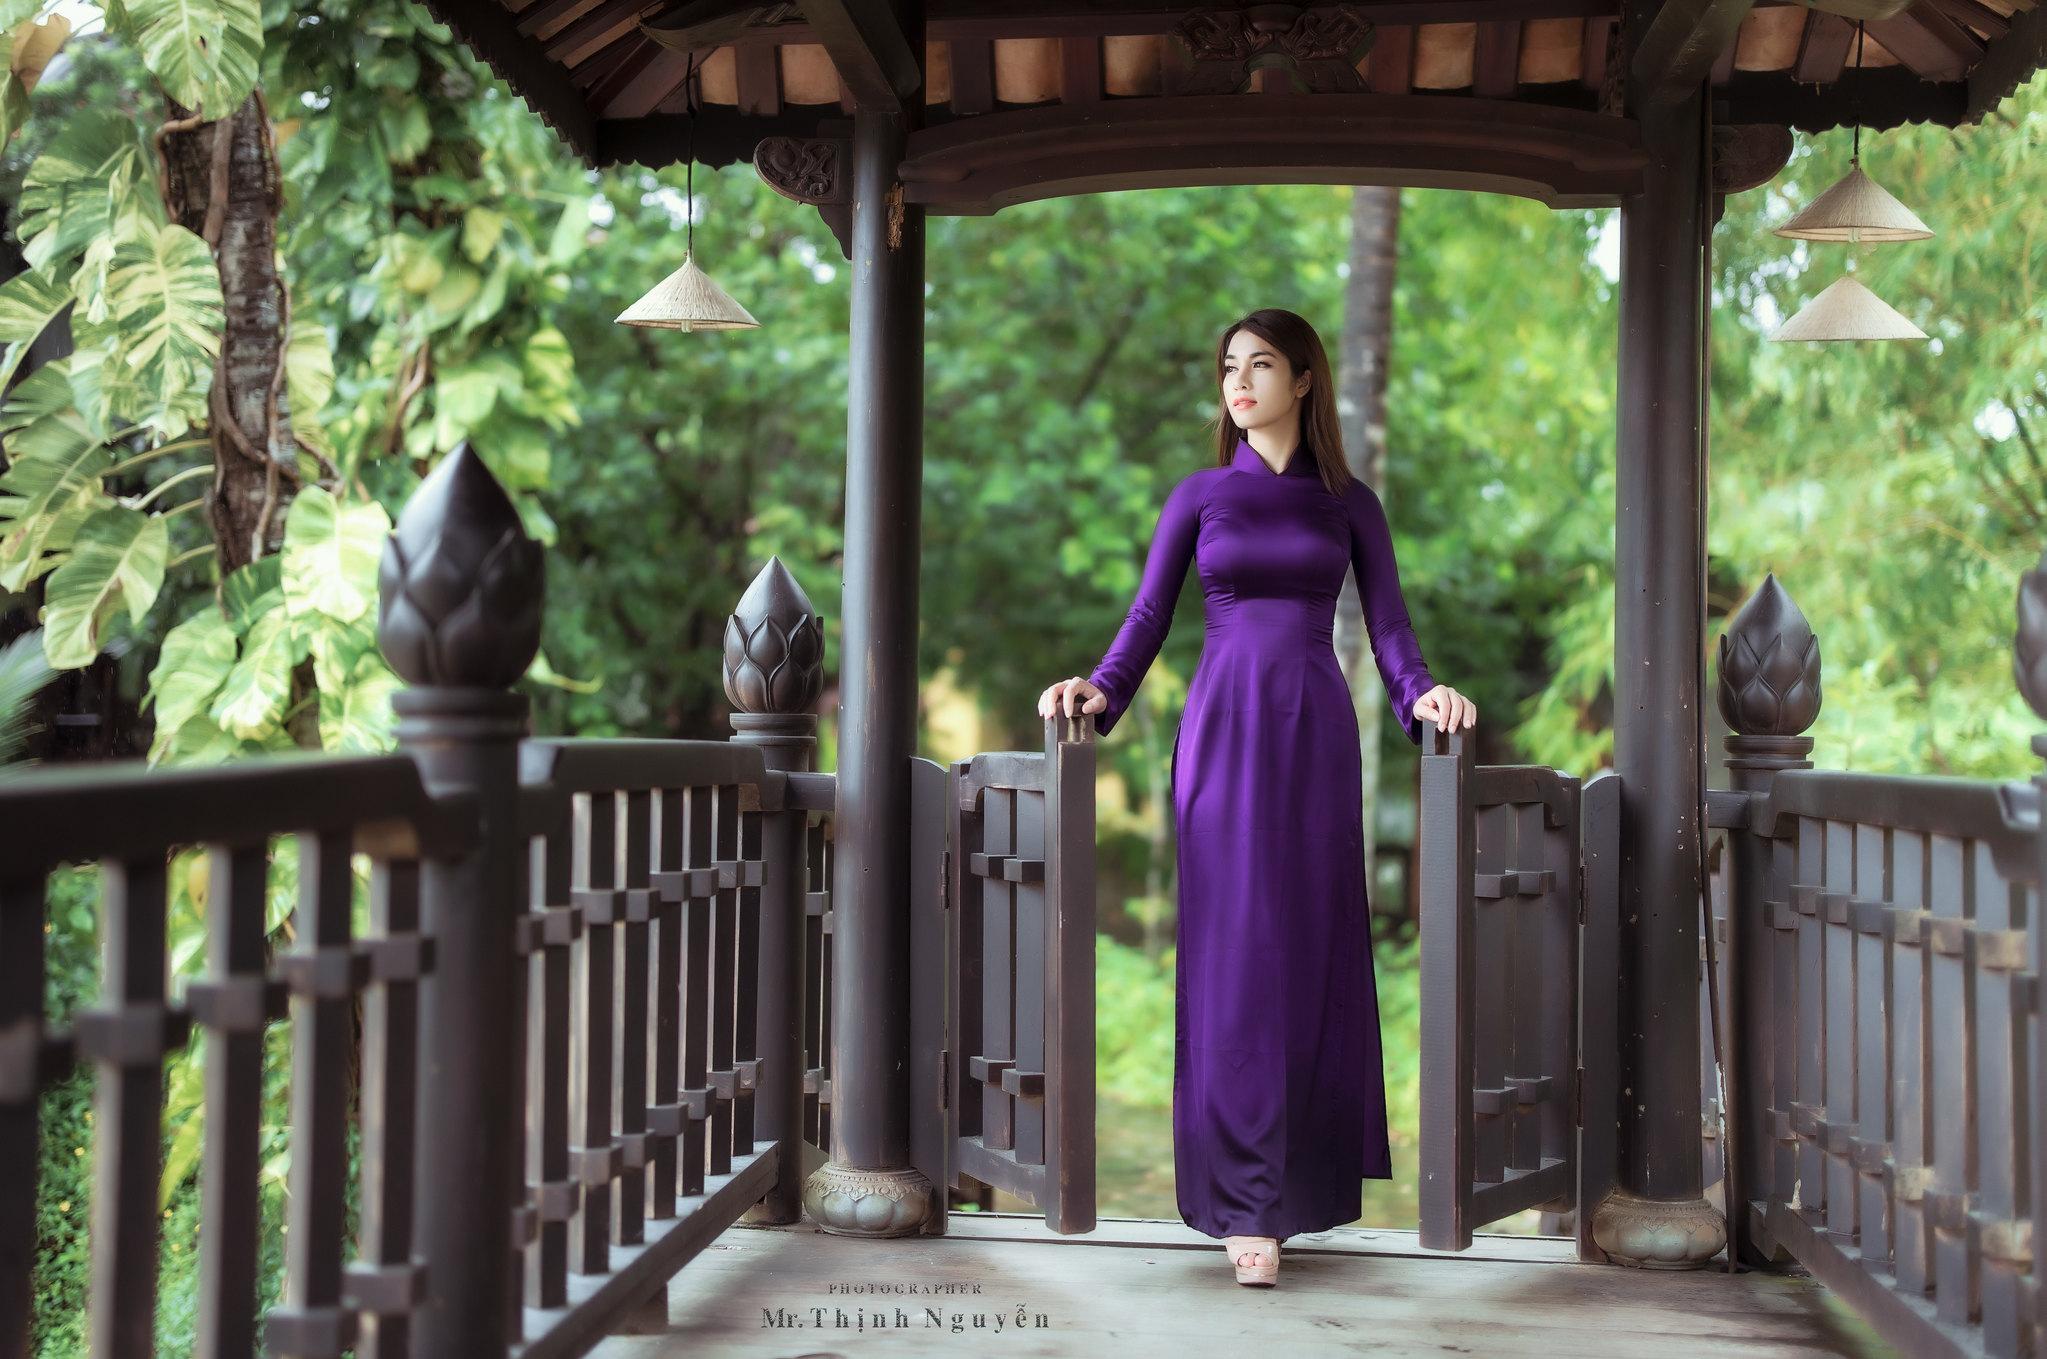 無料画像 アジア人 女の子 女性 壁紙 セクシー モデル 感情 衣類 美しさ 甘味 ポートレート 紫の 植物学 ドレス 木 アウターウェア 工場 庭園 余暇 ローブ 写真撮影 森林 コスチューム 47x1359 Q 無料写真